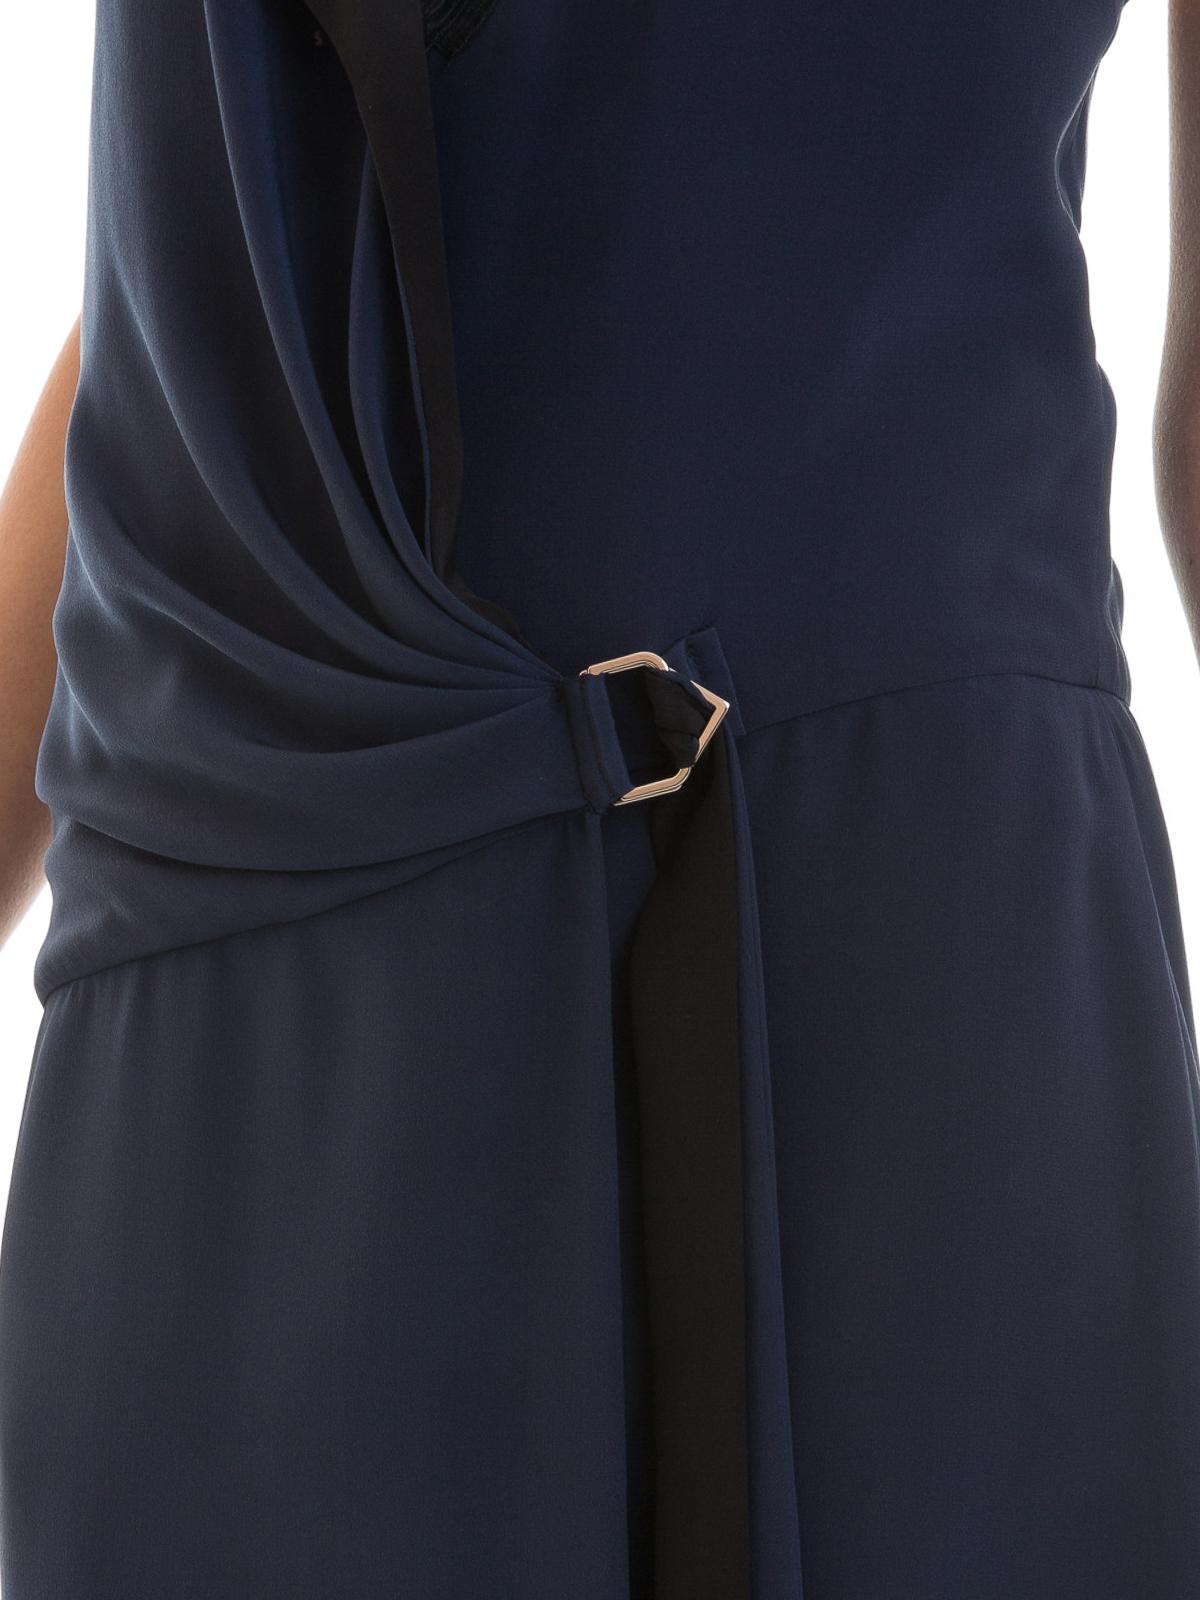 Cocktailkleid - Dunkelblau von Versace - Cocktailkleider | iKRIX